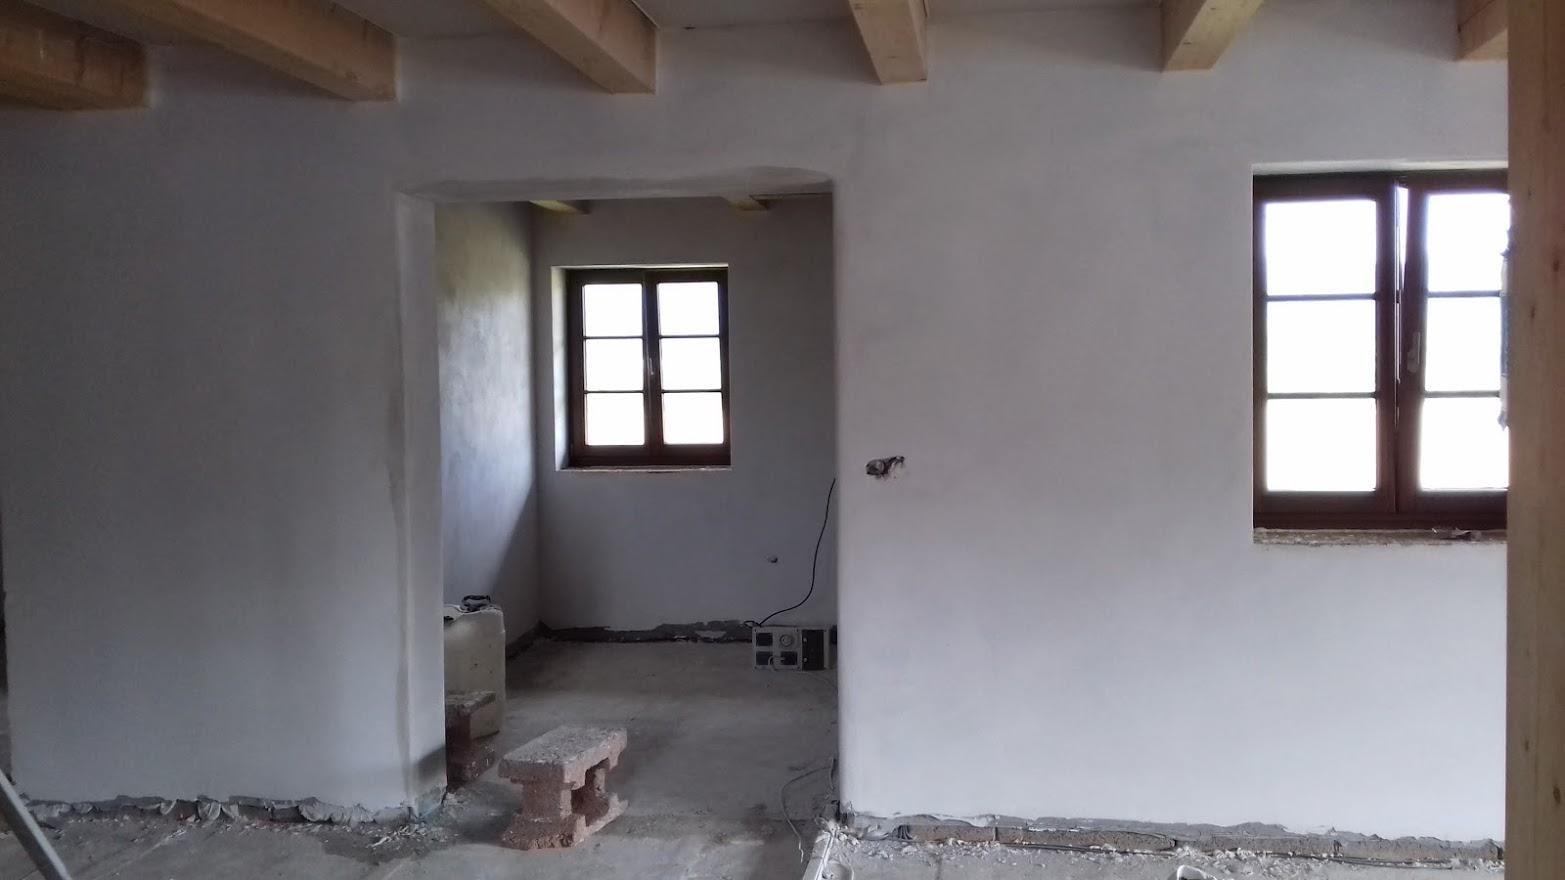 Moderný dom s nádychom slovenskej architektúry - Obrázok č. 15